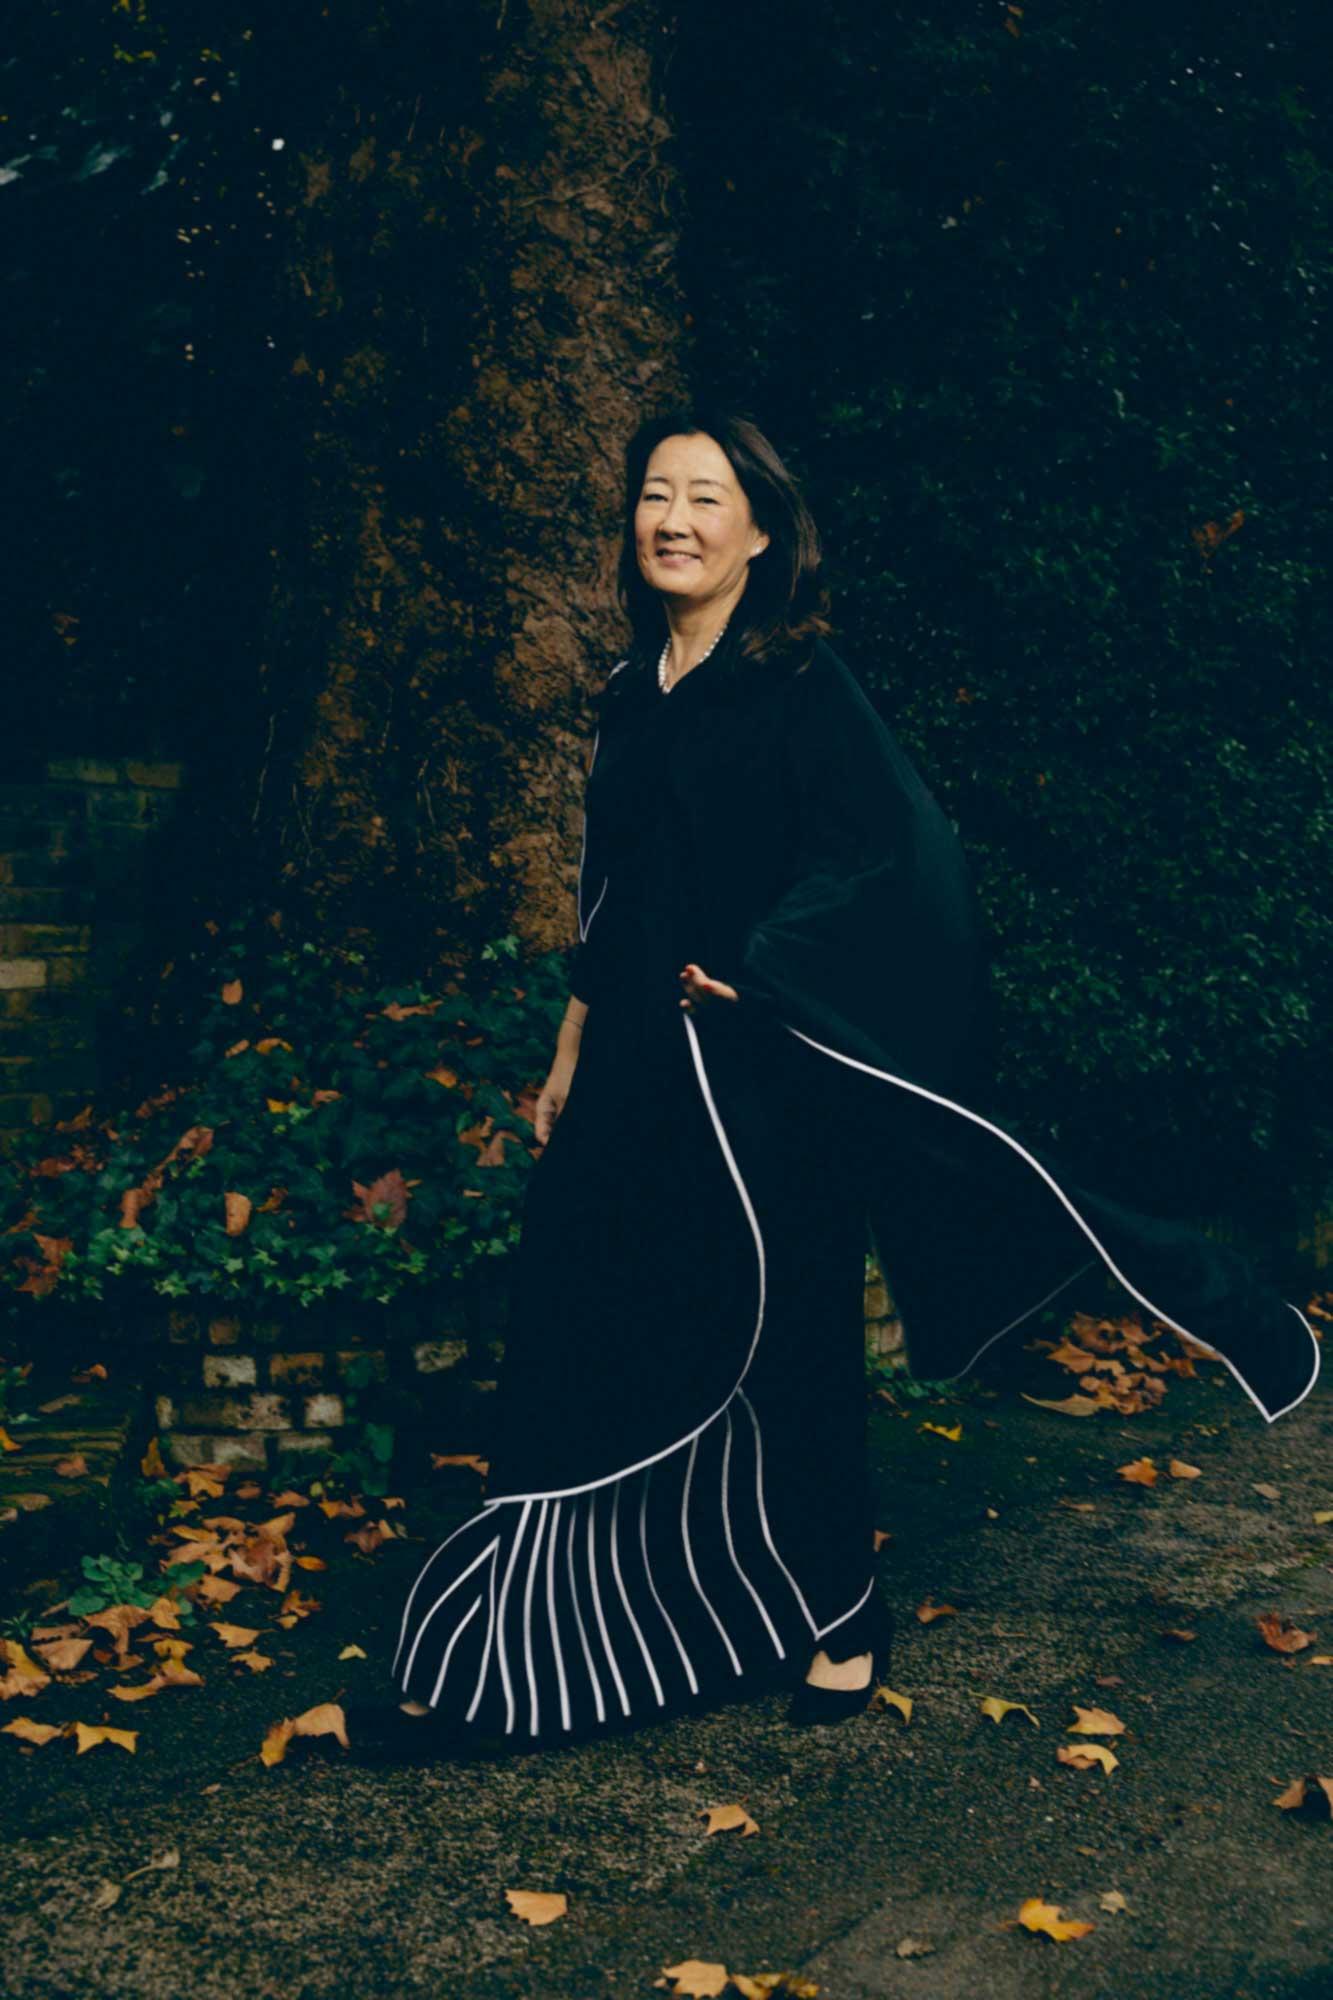 Patricia Dhar in a sari